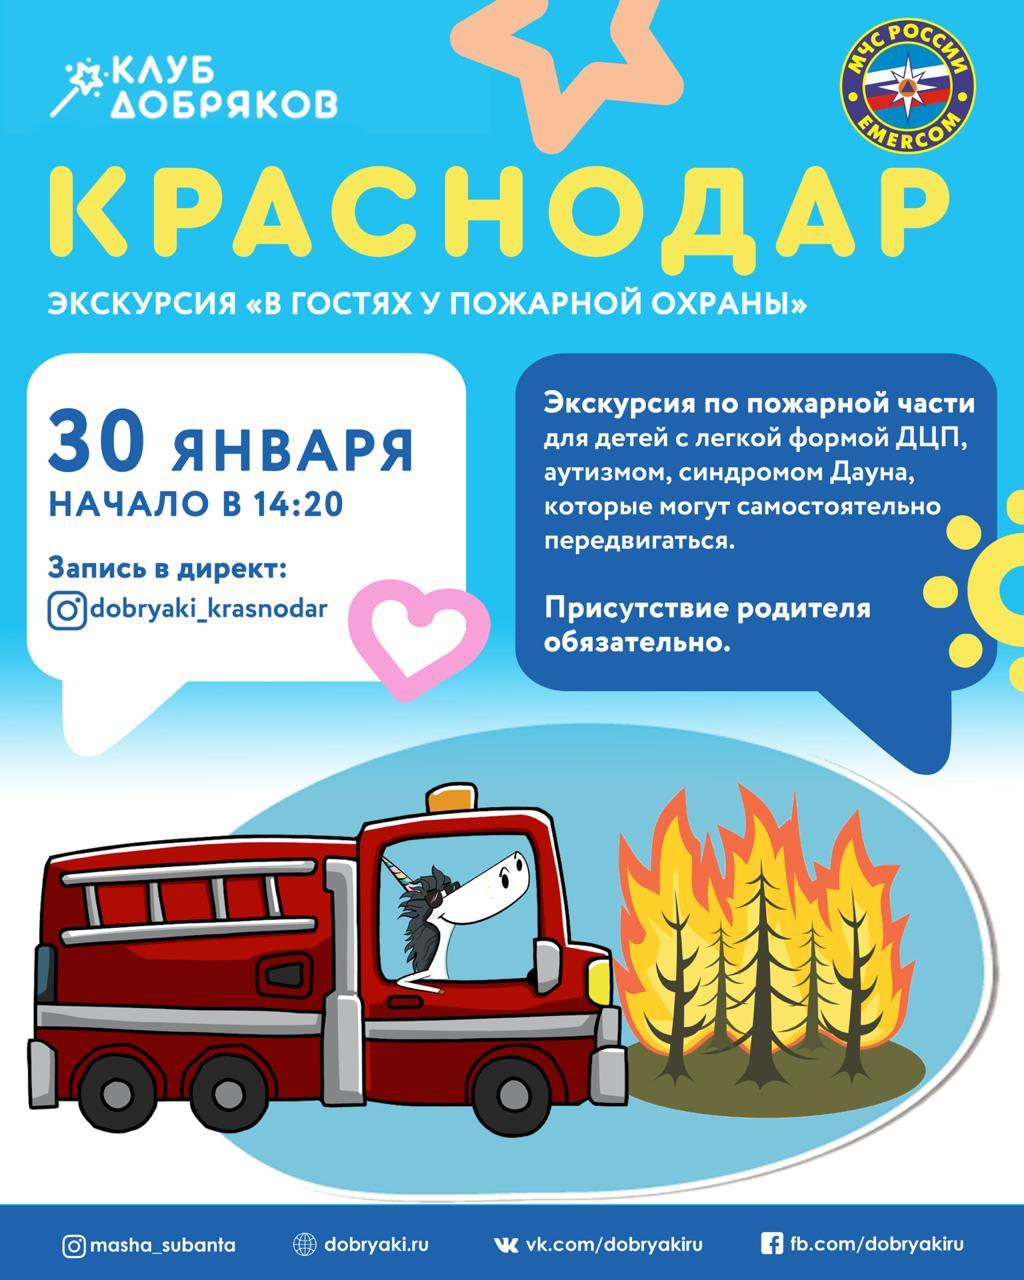 Особенные дети Краснодара узнают о том, как работают пожарные